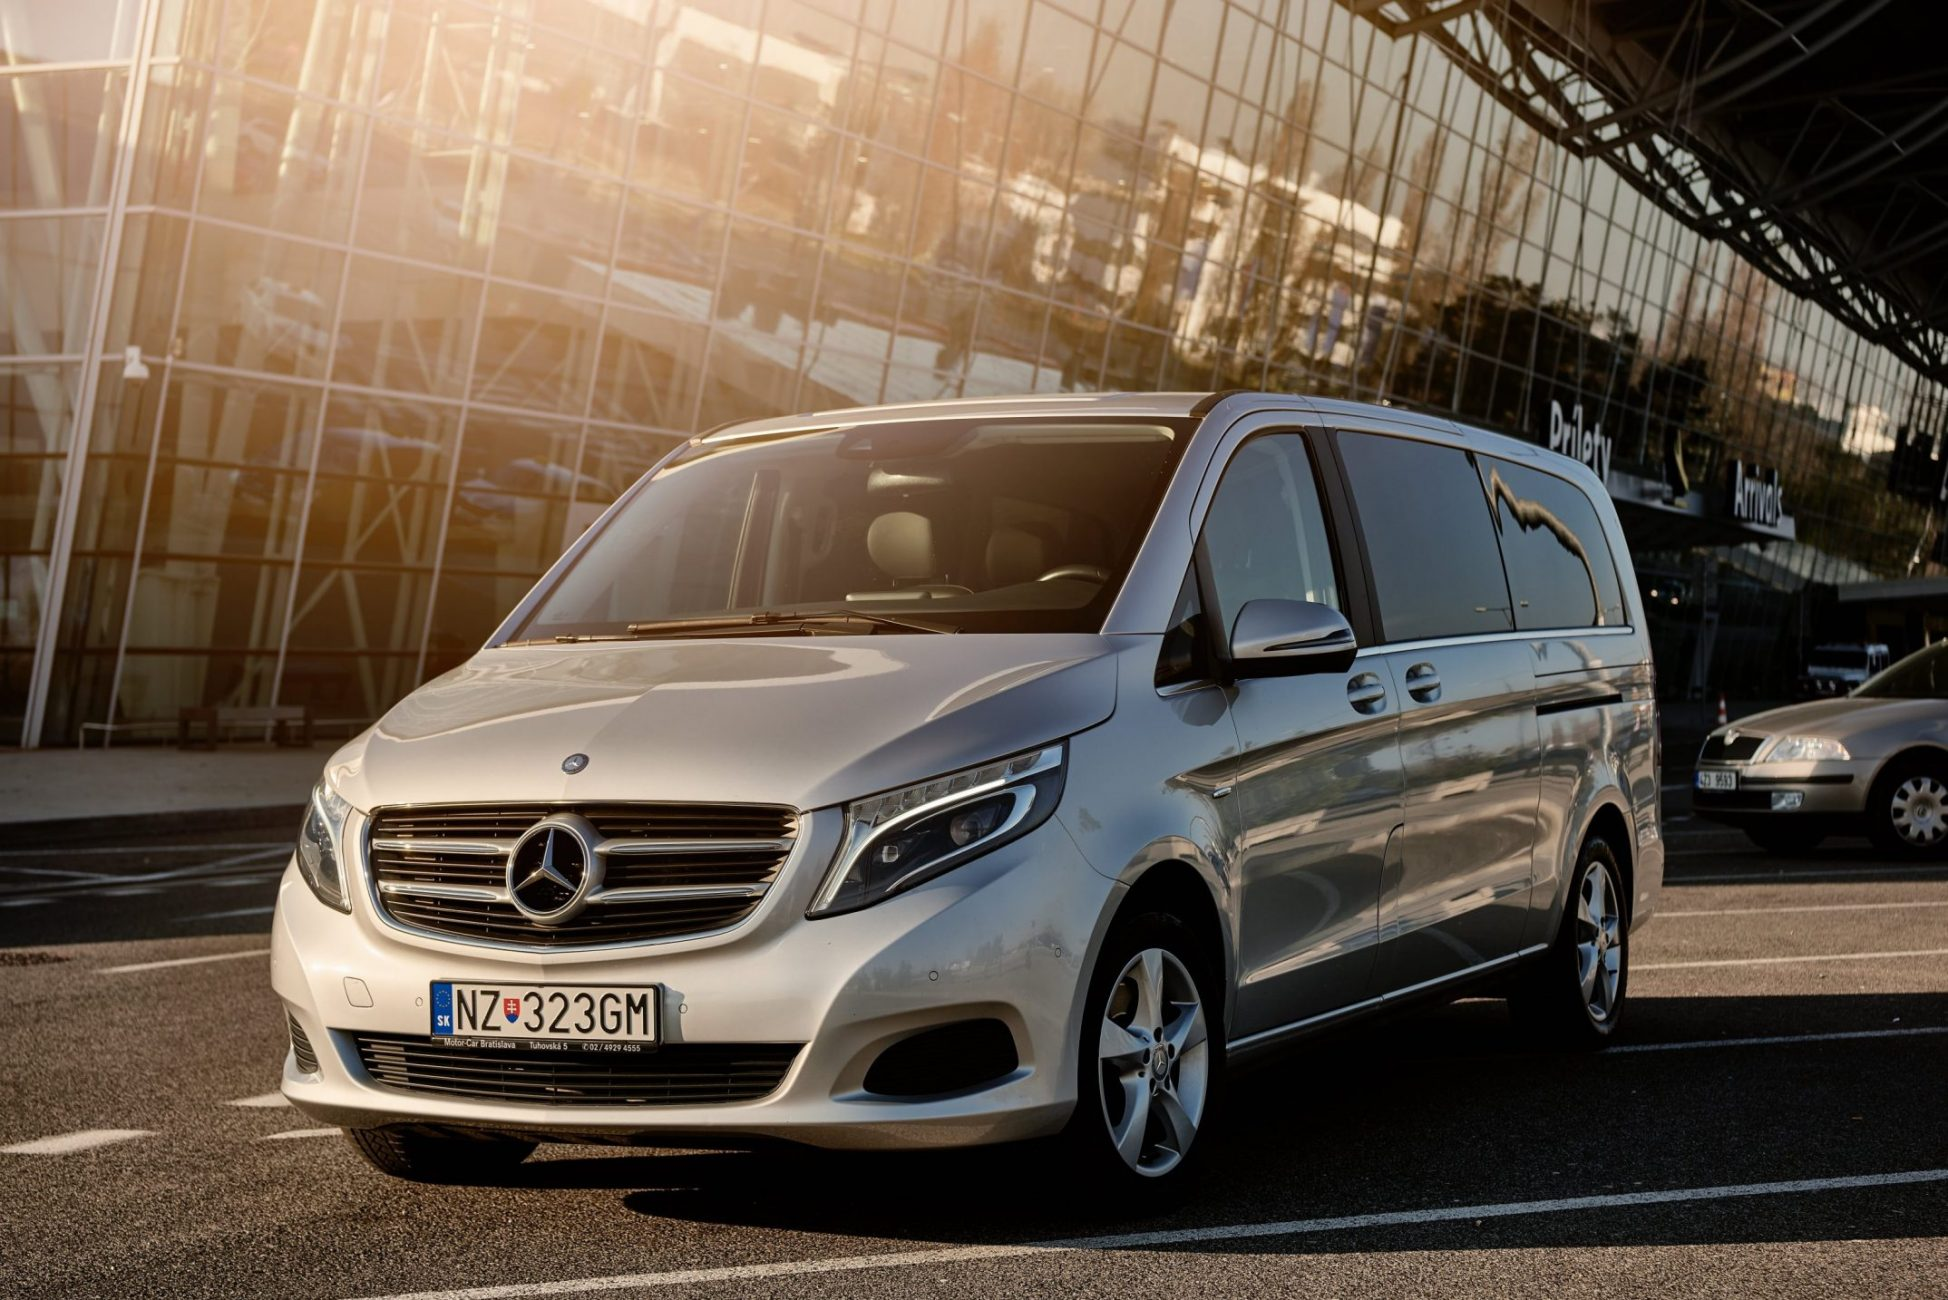 Mercedes_Benz_V_predoma.sk